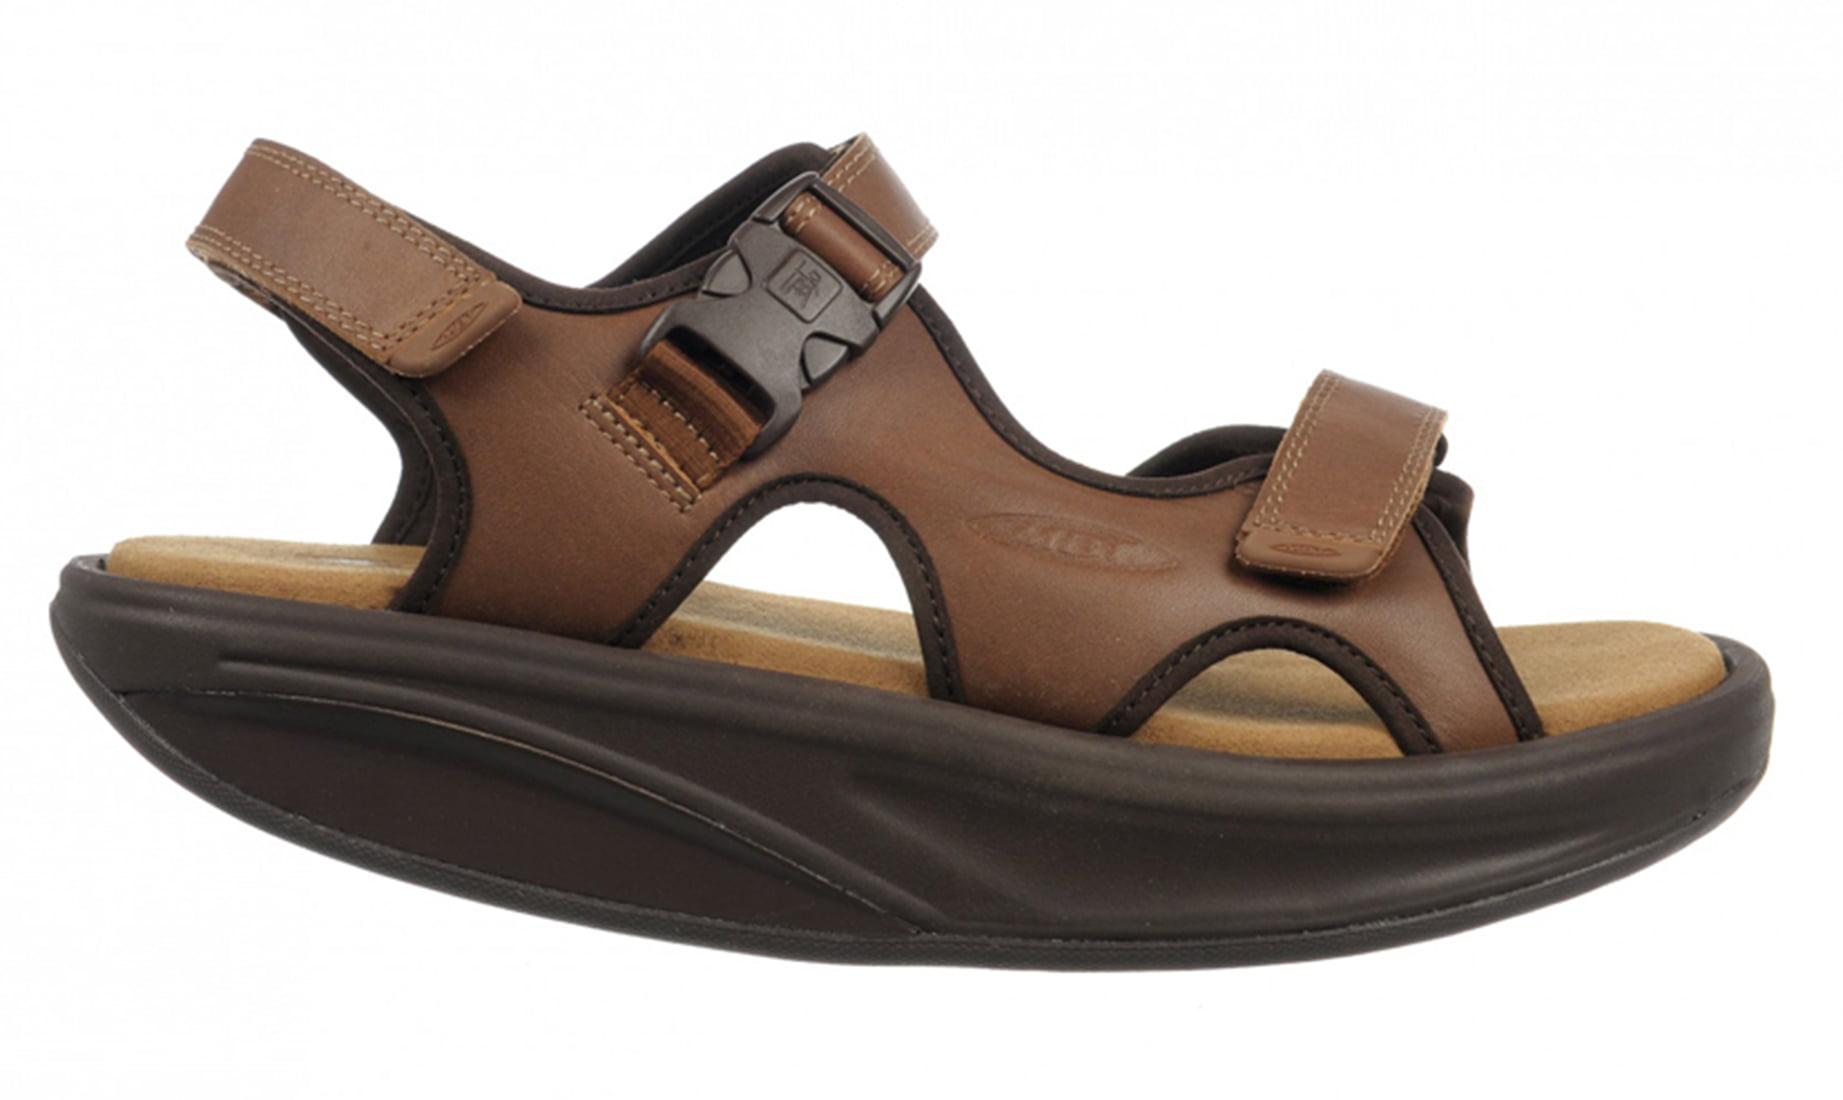 a6be1292242b Mbt - MBT Shoes Men s Kisumu 3S Leather Sandal  6 Medium (D) Sandal Brown  Velcro - Walmart.com